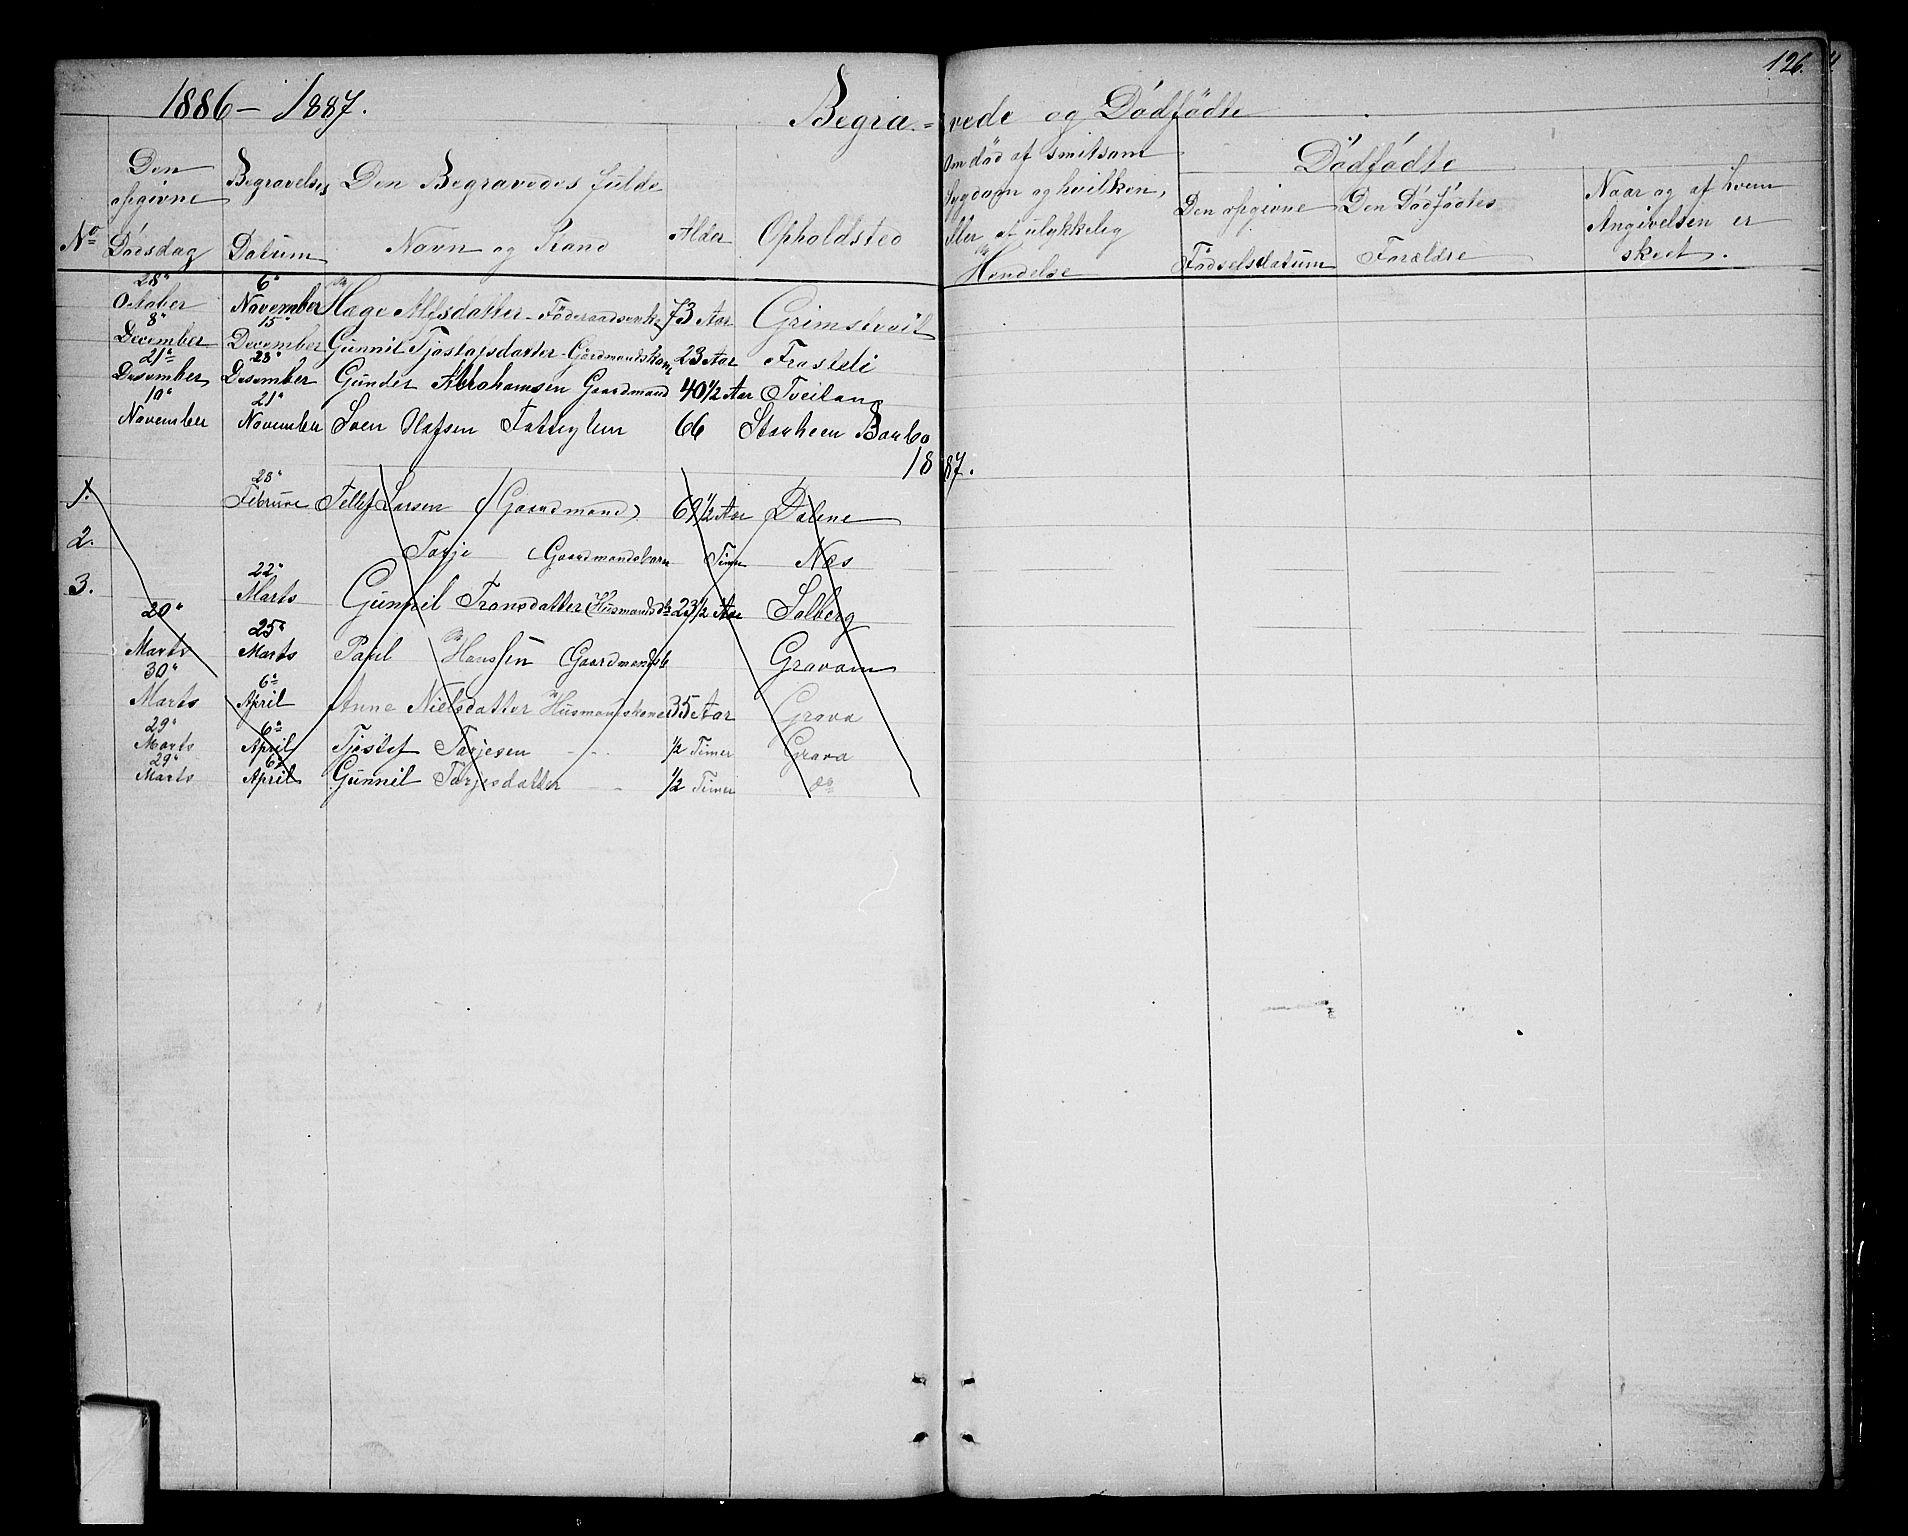 SAKO, Nissedal kirkebøker, G/Ga/L0002: Klokkerbok nr. I 2, 1861-1887, s. 126